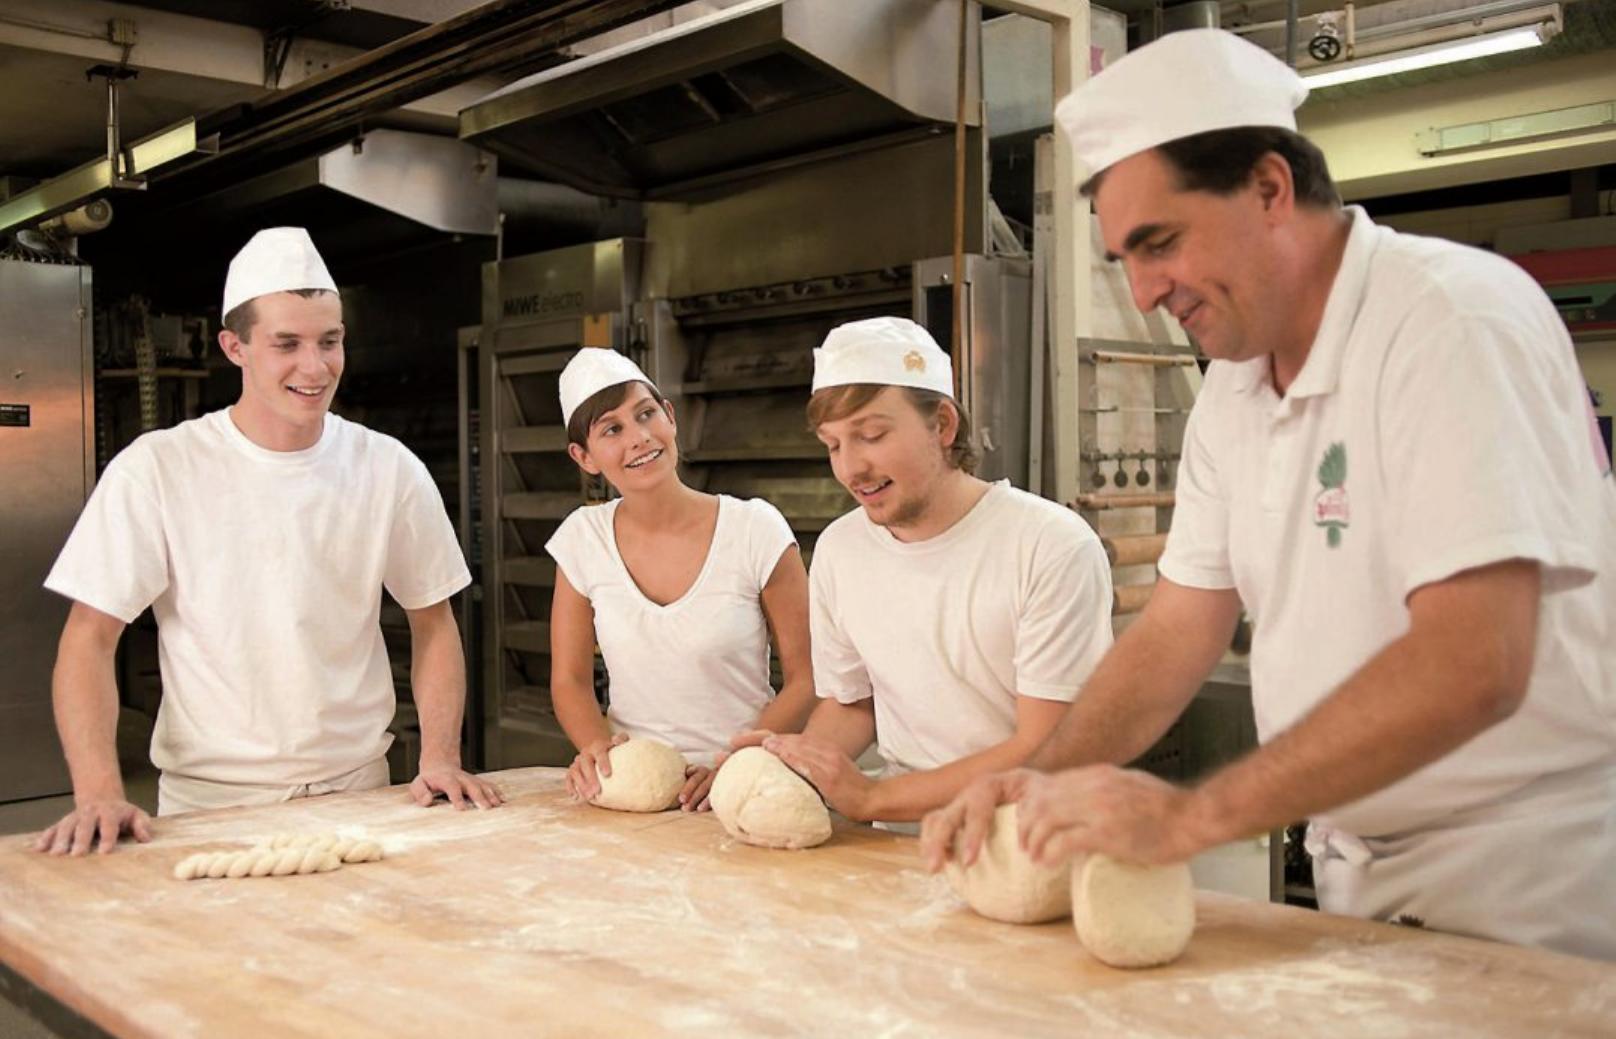 Der Bäckermeister zeigt den Azubis die Knettechnik. Bilder: Werbegemeinschaft des Deutschen Bäckerhandwerks e. V.